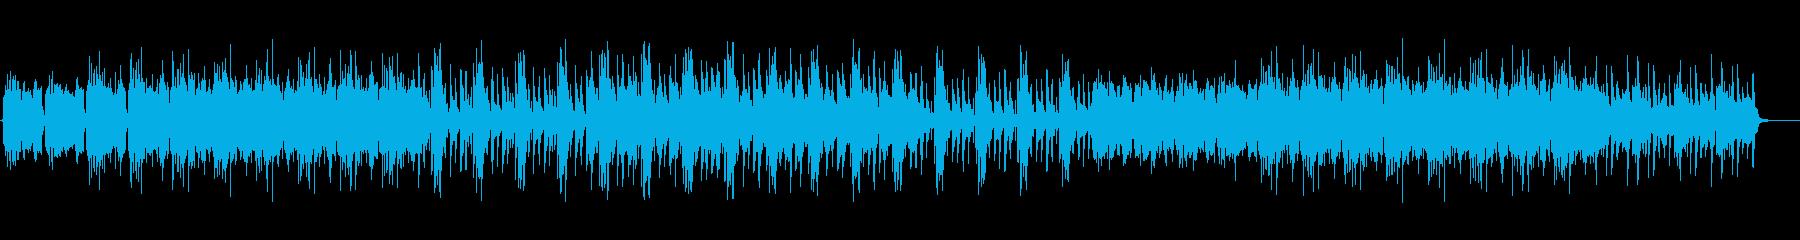 和の楽器を用いた日本テイストのBGM2の再生済みの波形